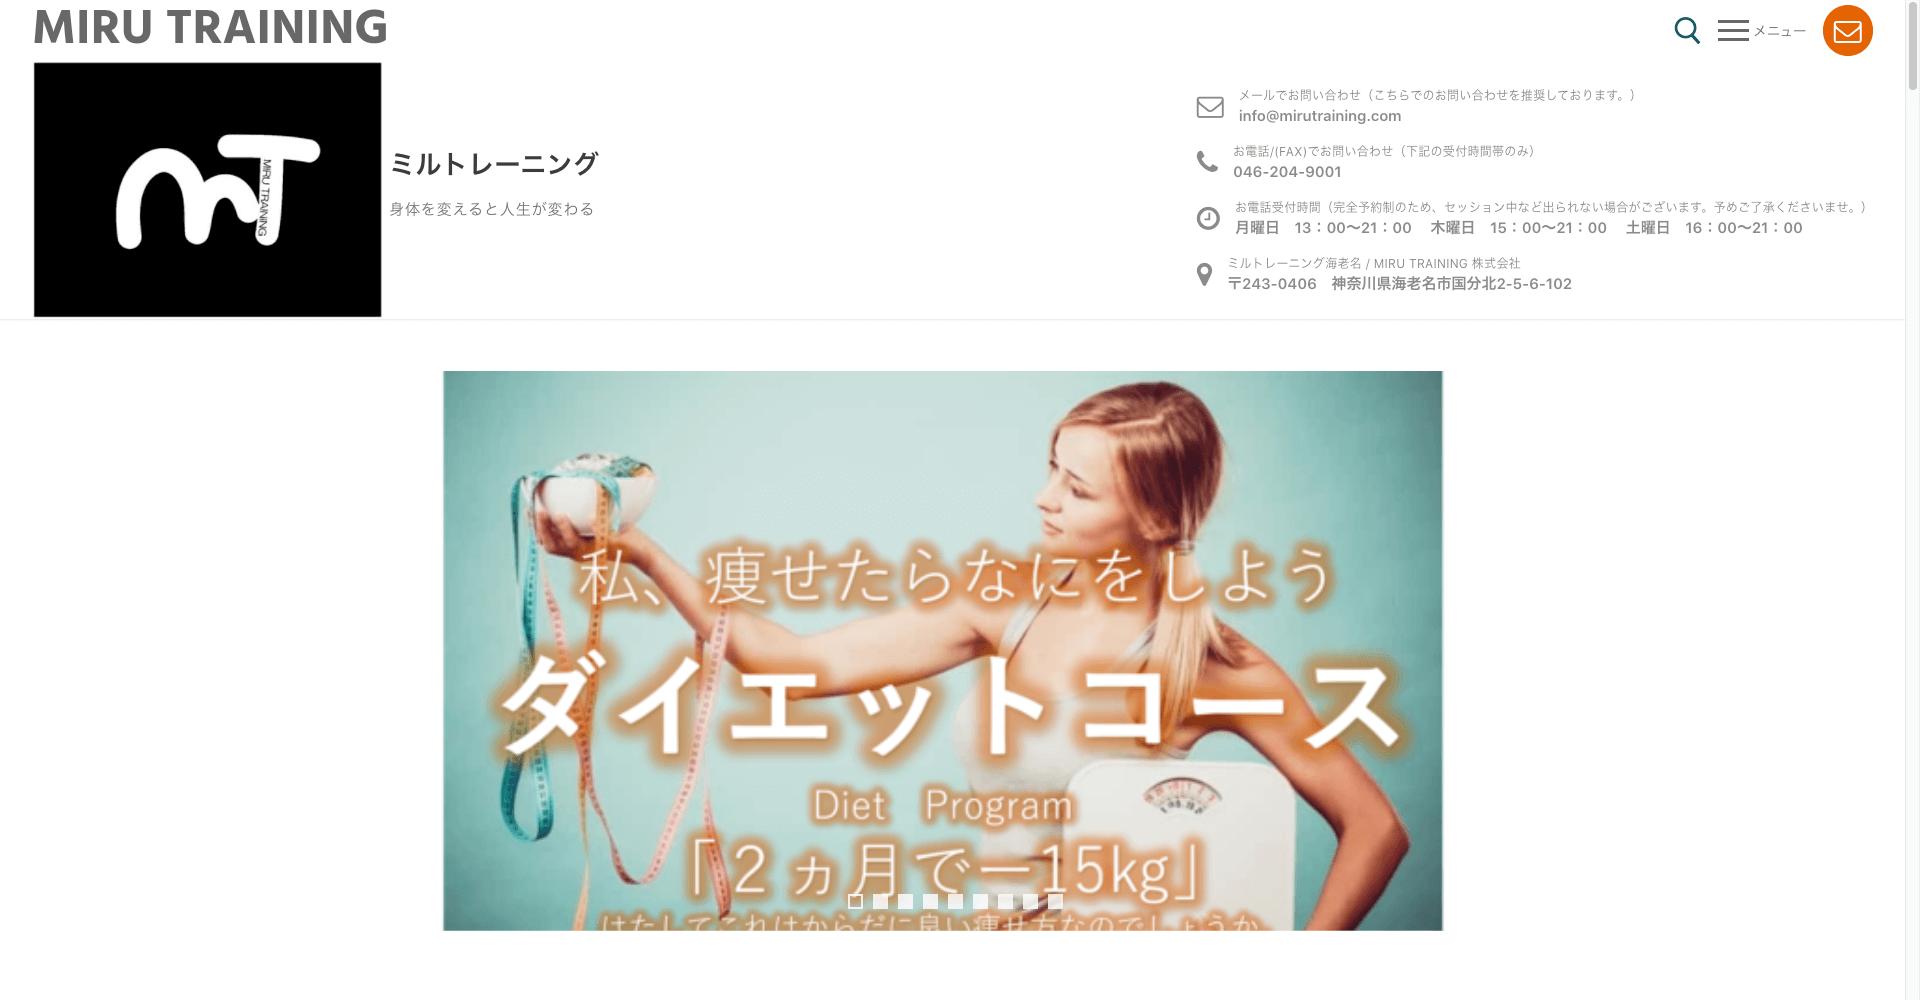 ミルトレーニング 海老名 / MIRU TRAINING 株式会社